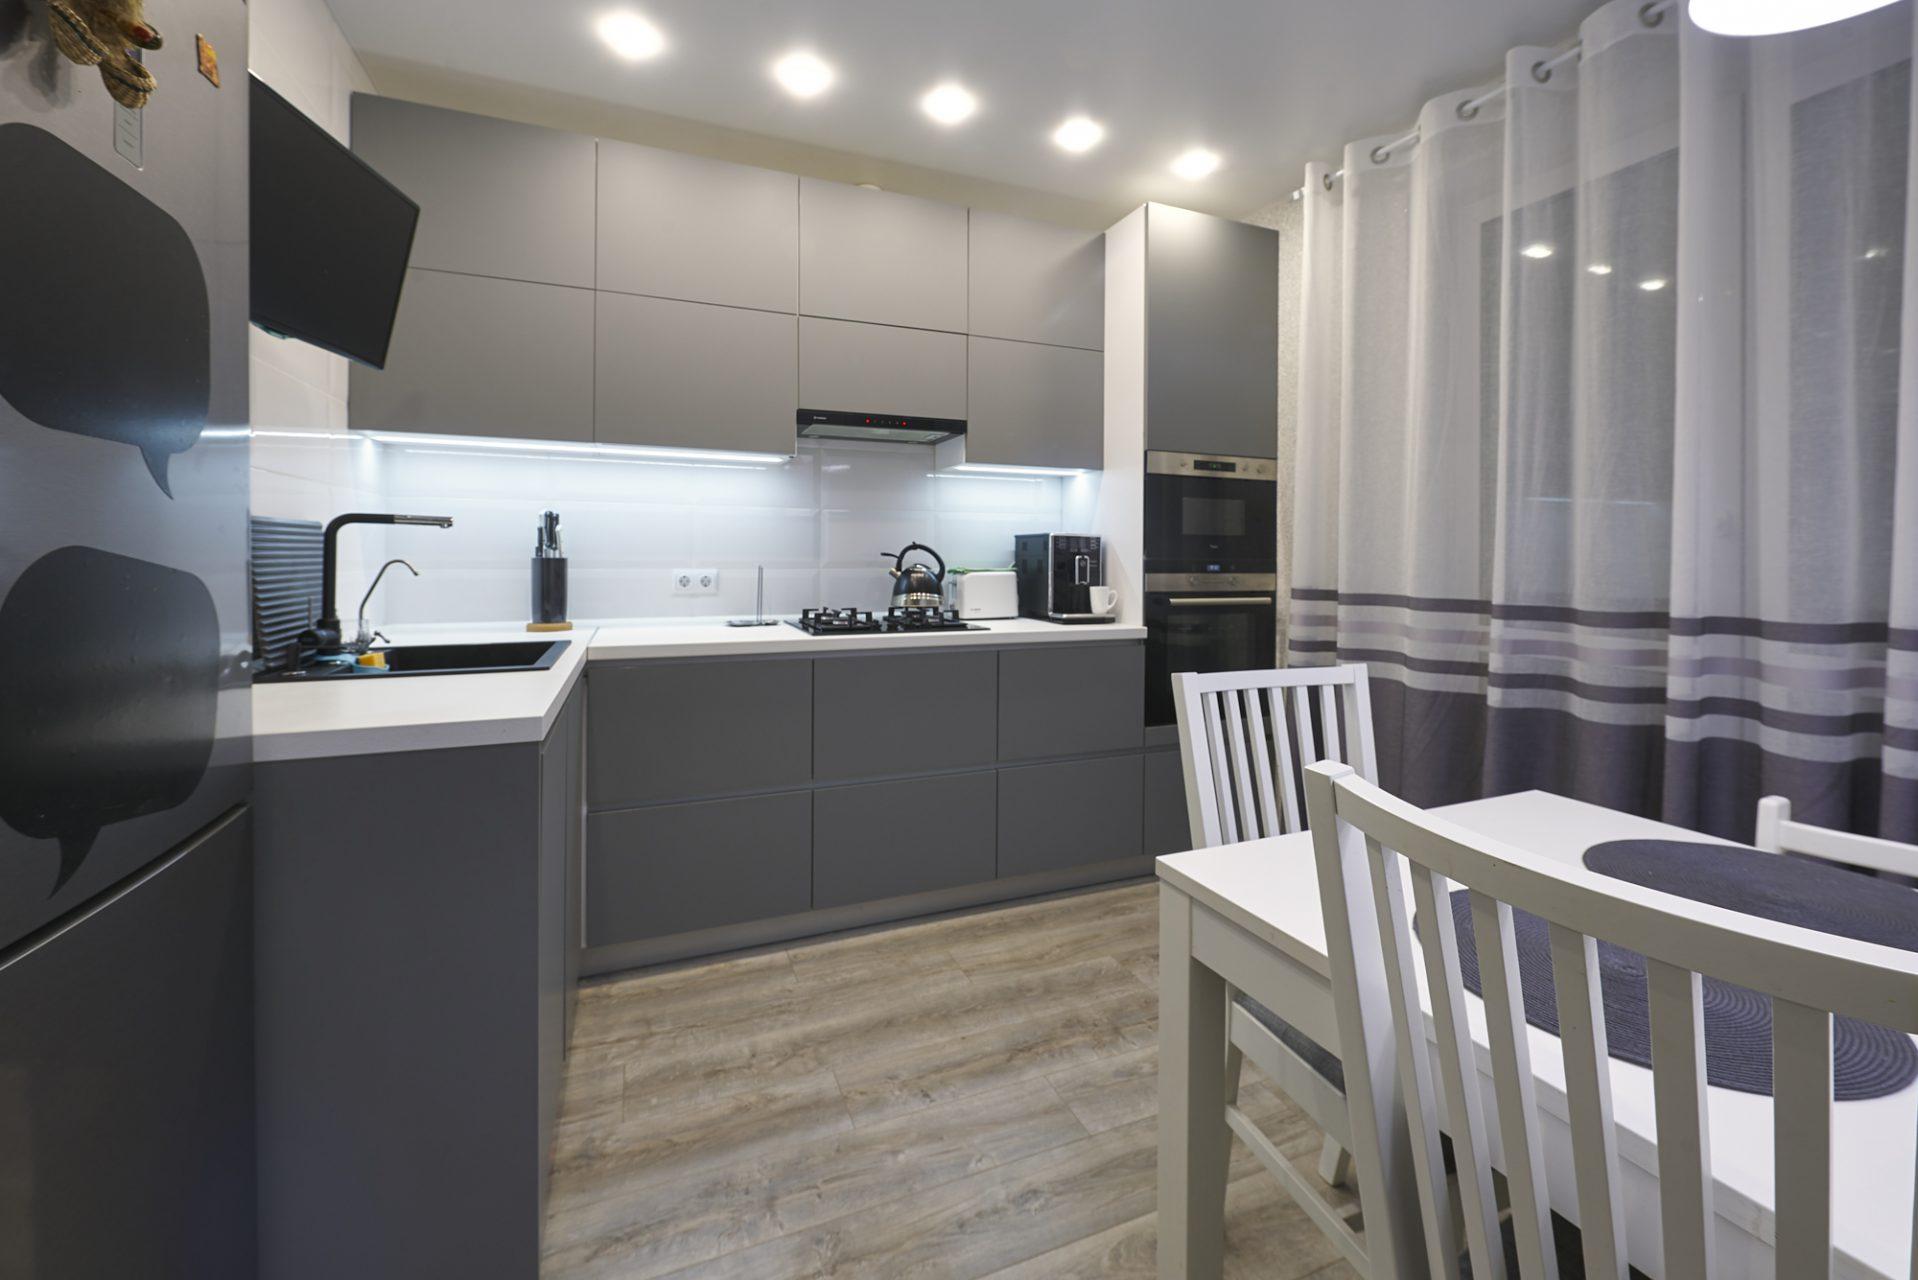 001_interior_kitchen5_korneychikeu